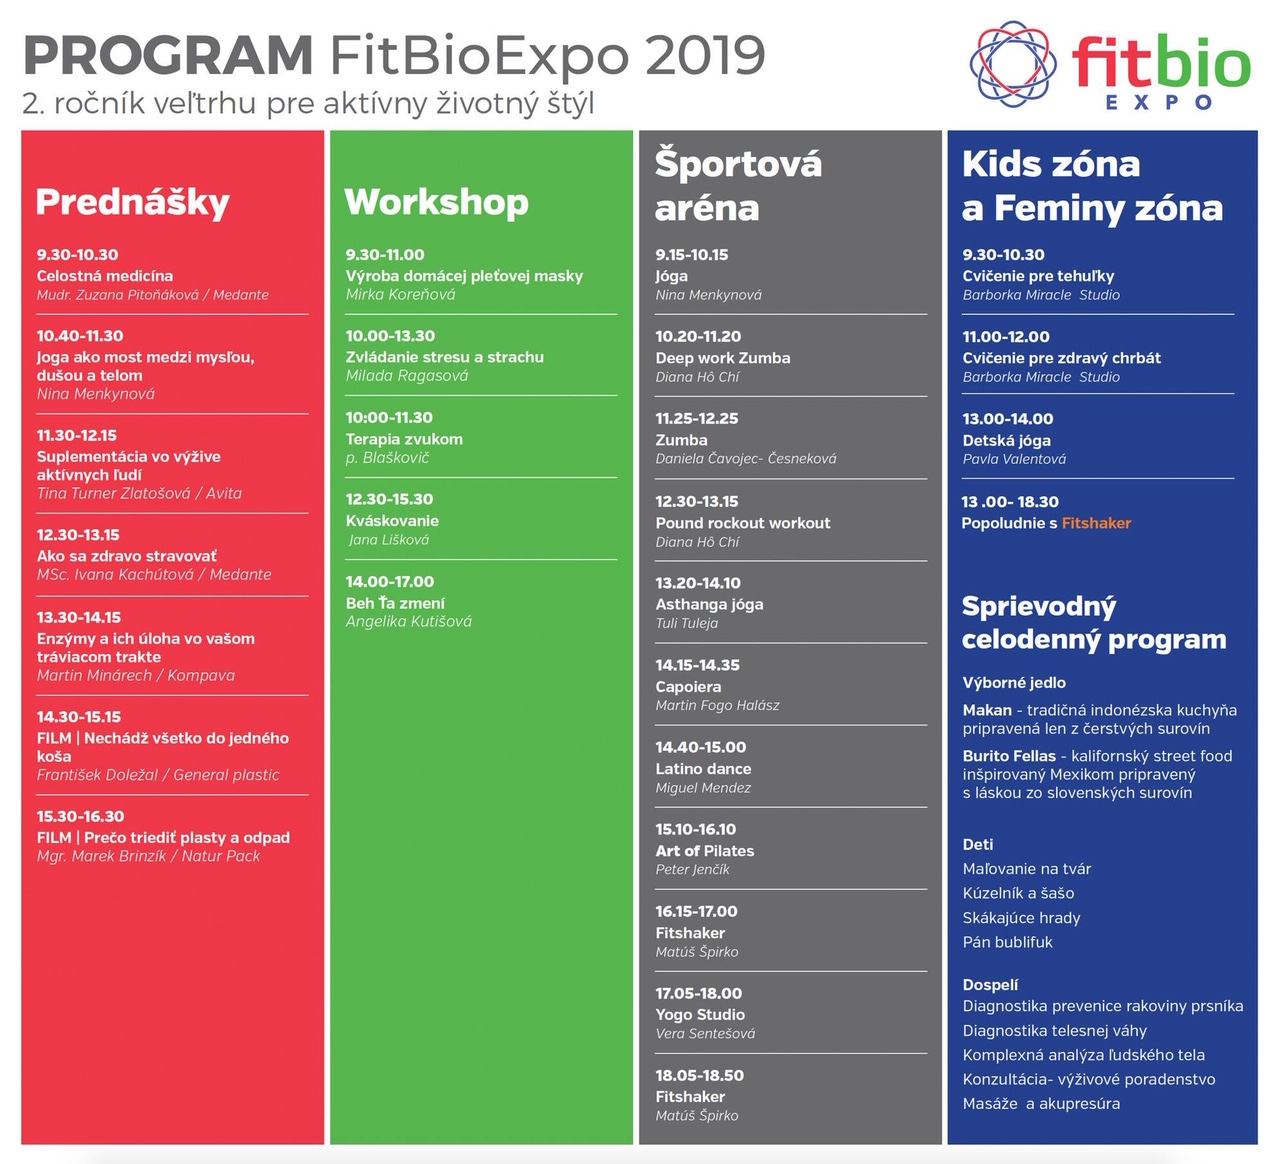 program_FitBioExpo_2019.JPG